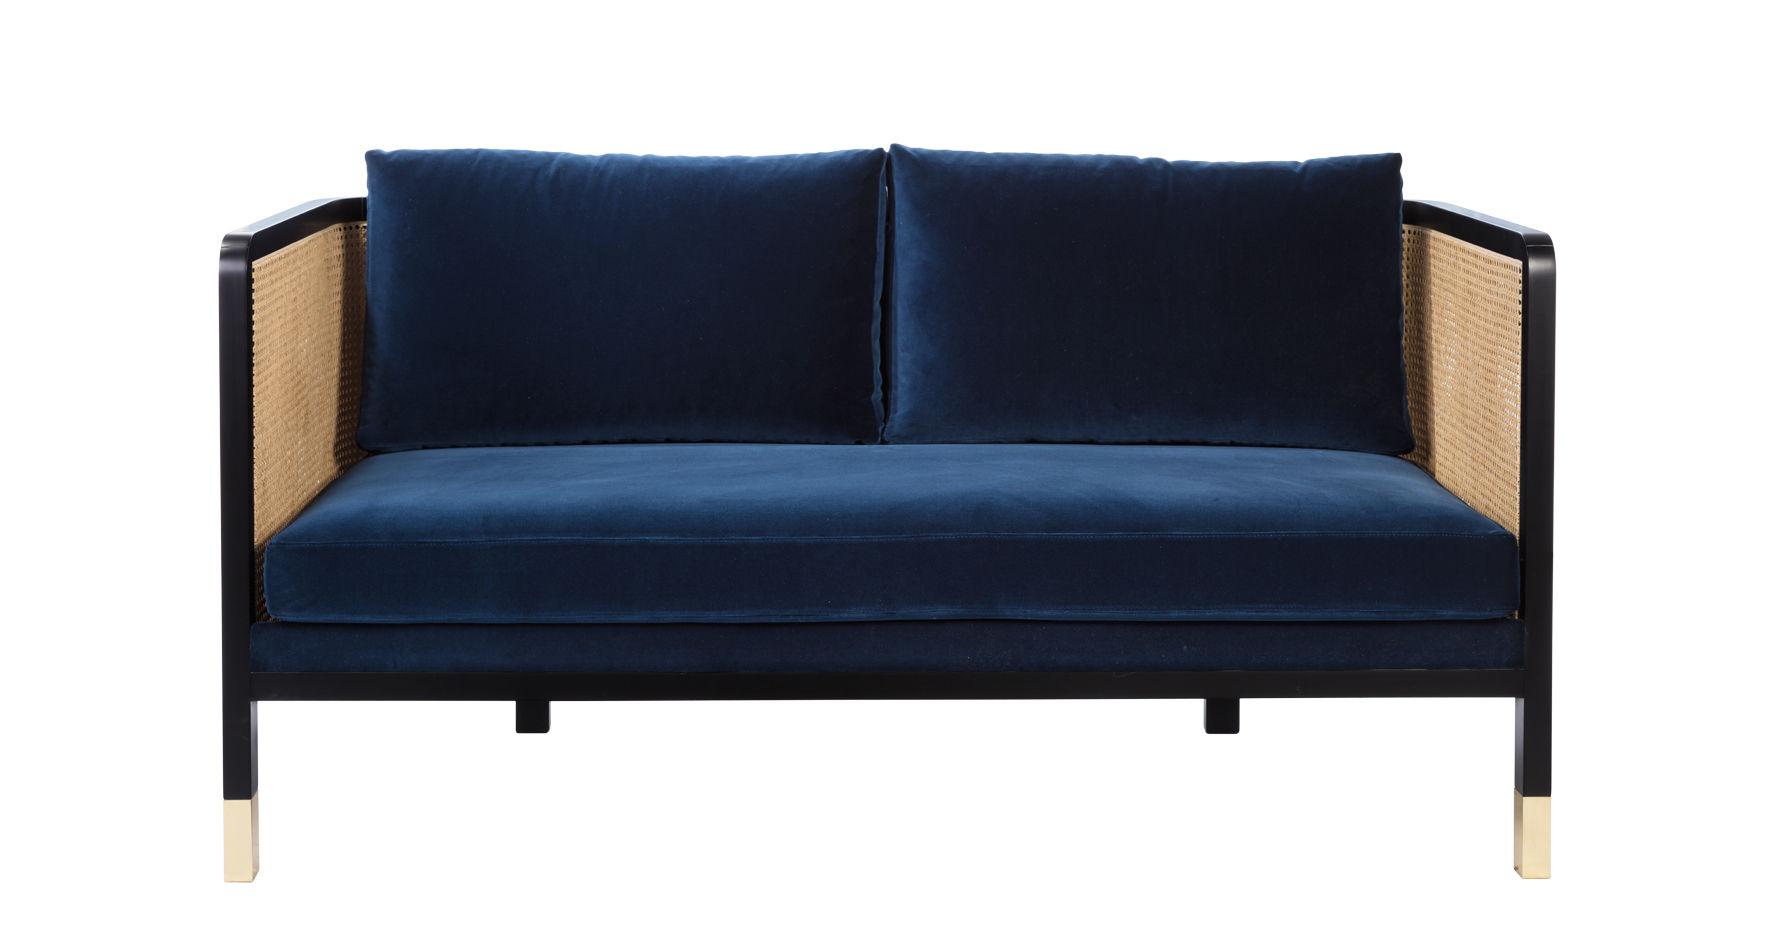 Mobilier - Canapés - Canapé droit Cannage / L 160 cm - Velours - RED Edition - Bleu Marine / Noir & naturel -  Plumes, Acier, Hêtre teinté, Mousse haute résilience, Rotin, Velours